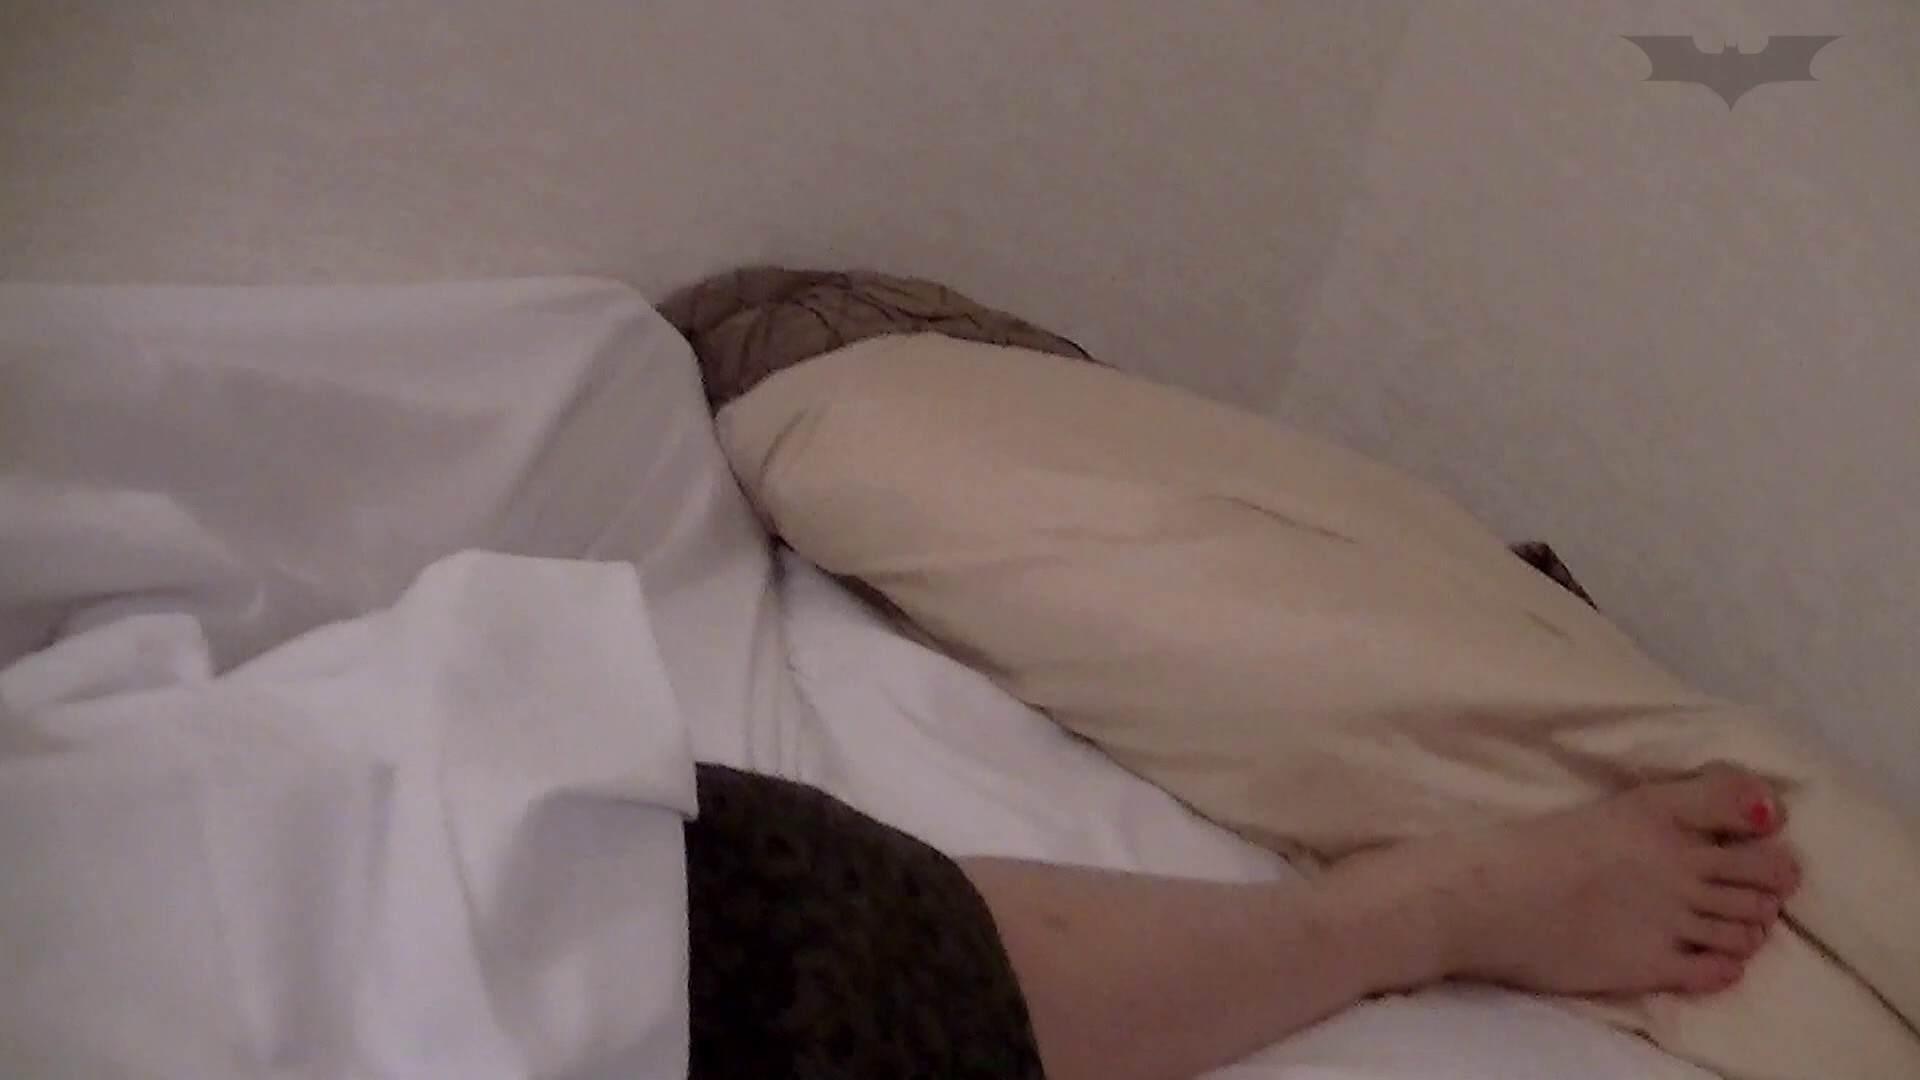 宿泊先の初心なお嬢(あずさ19才)を身内の立場を利用して弄ぶ影氏 期間限定  81pic 47